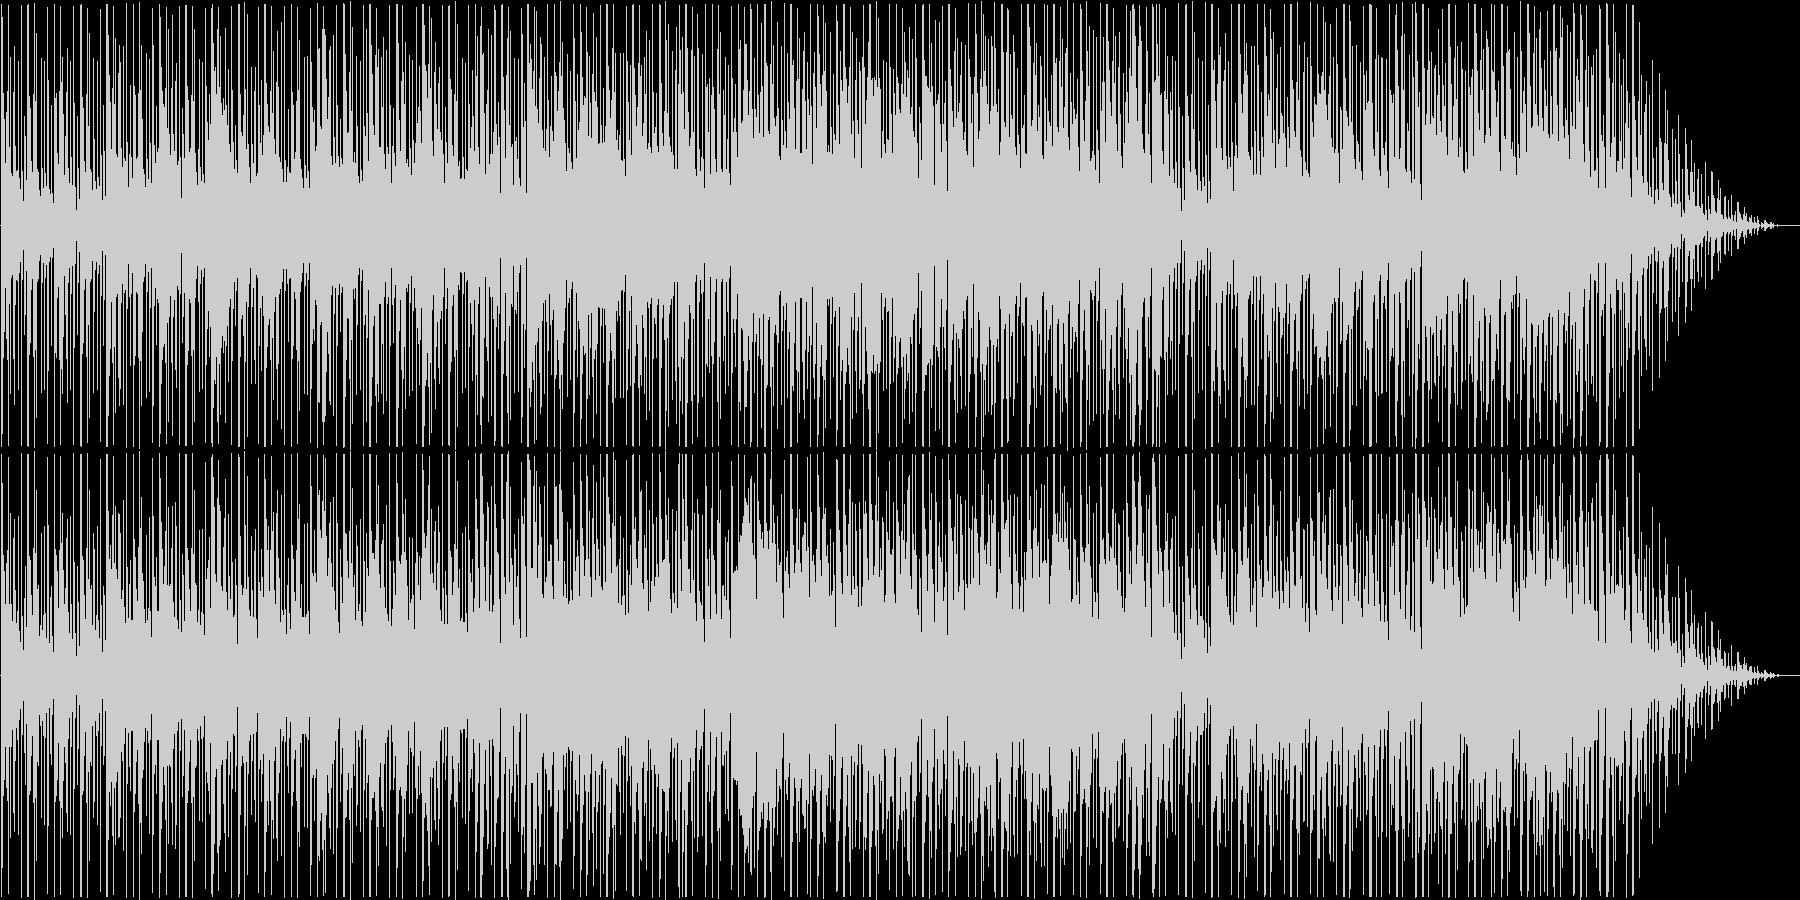 ローズエレピが心地よいスムースジャズの未再生の波形